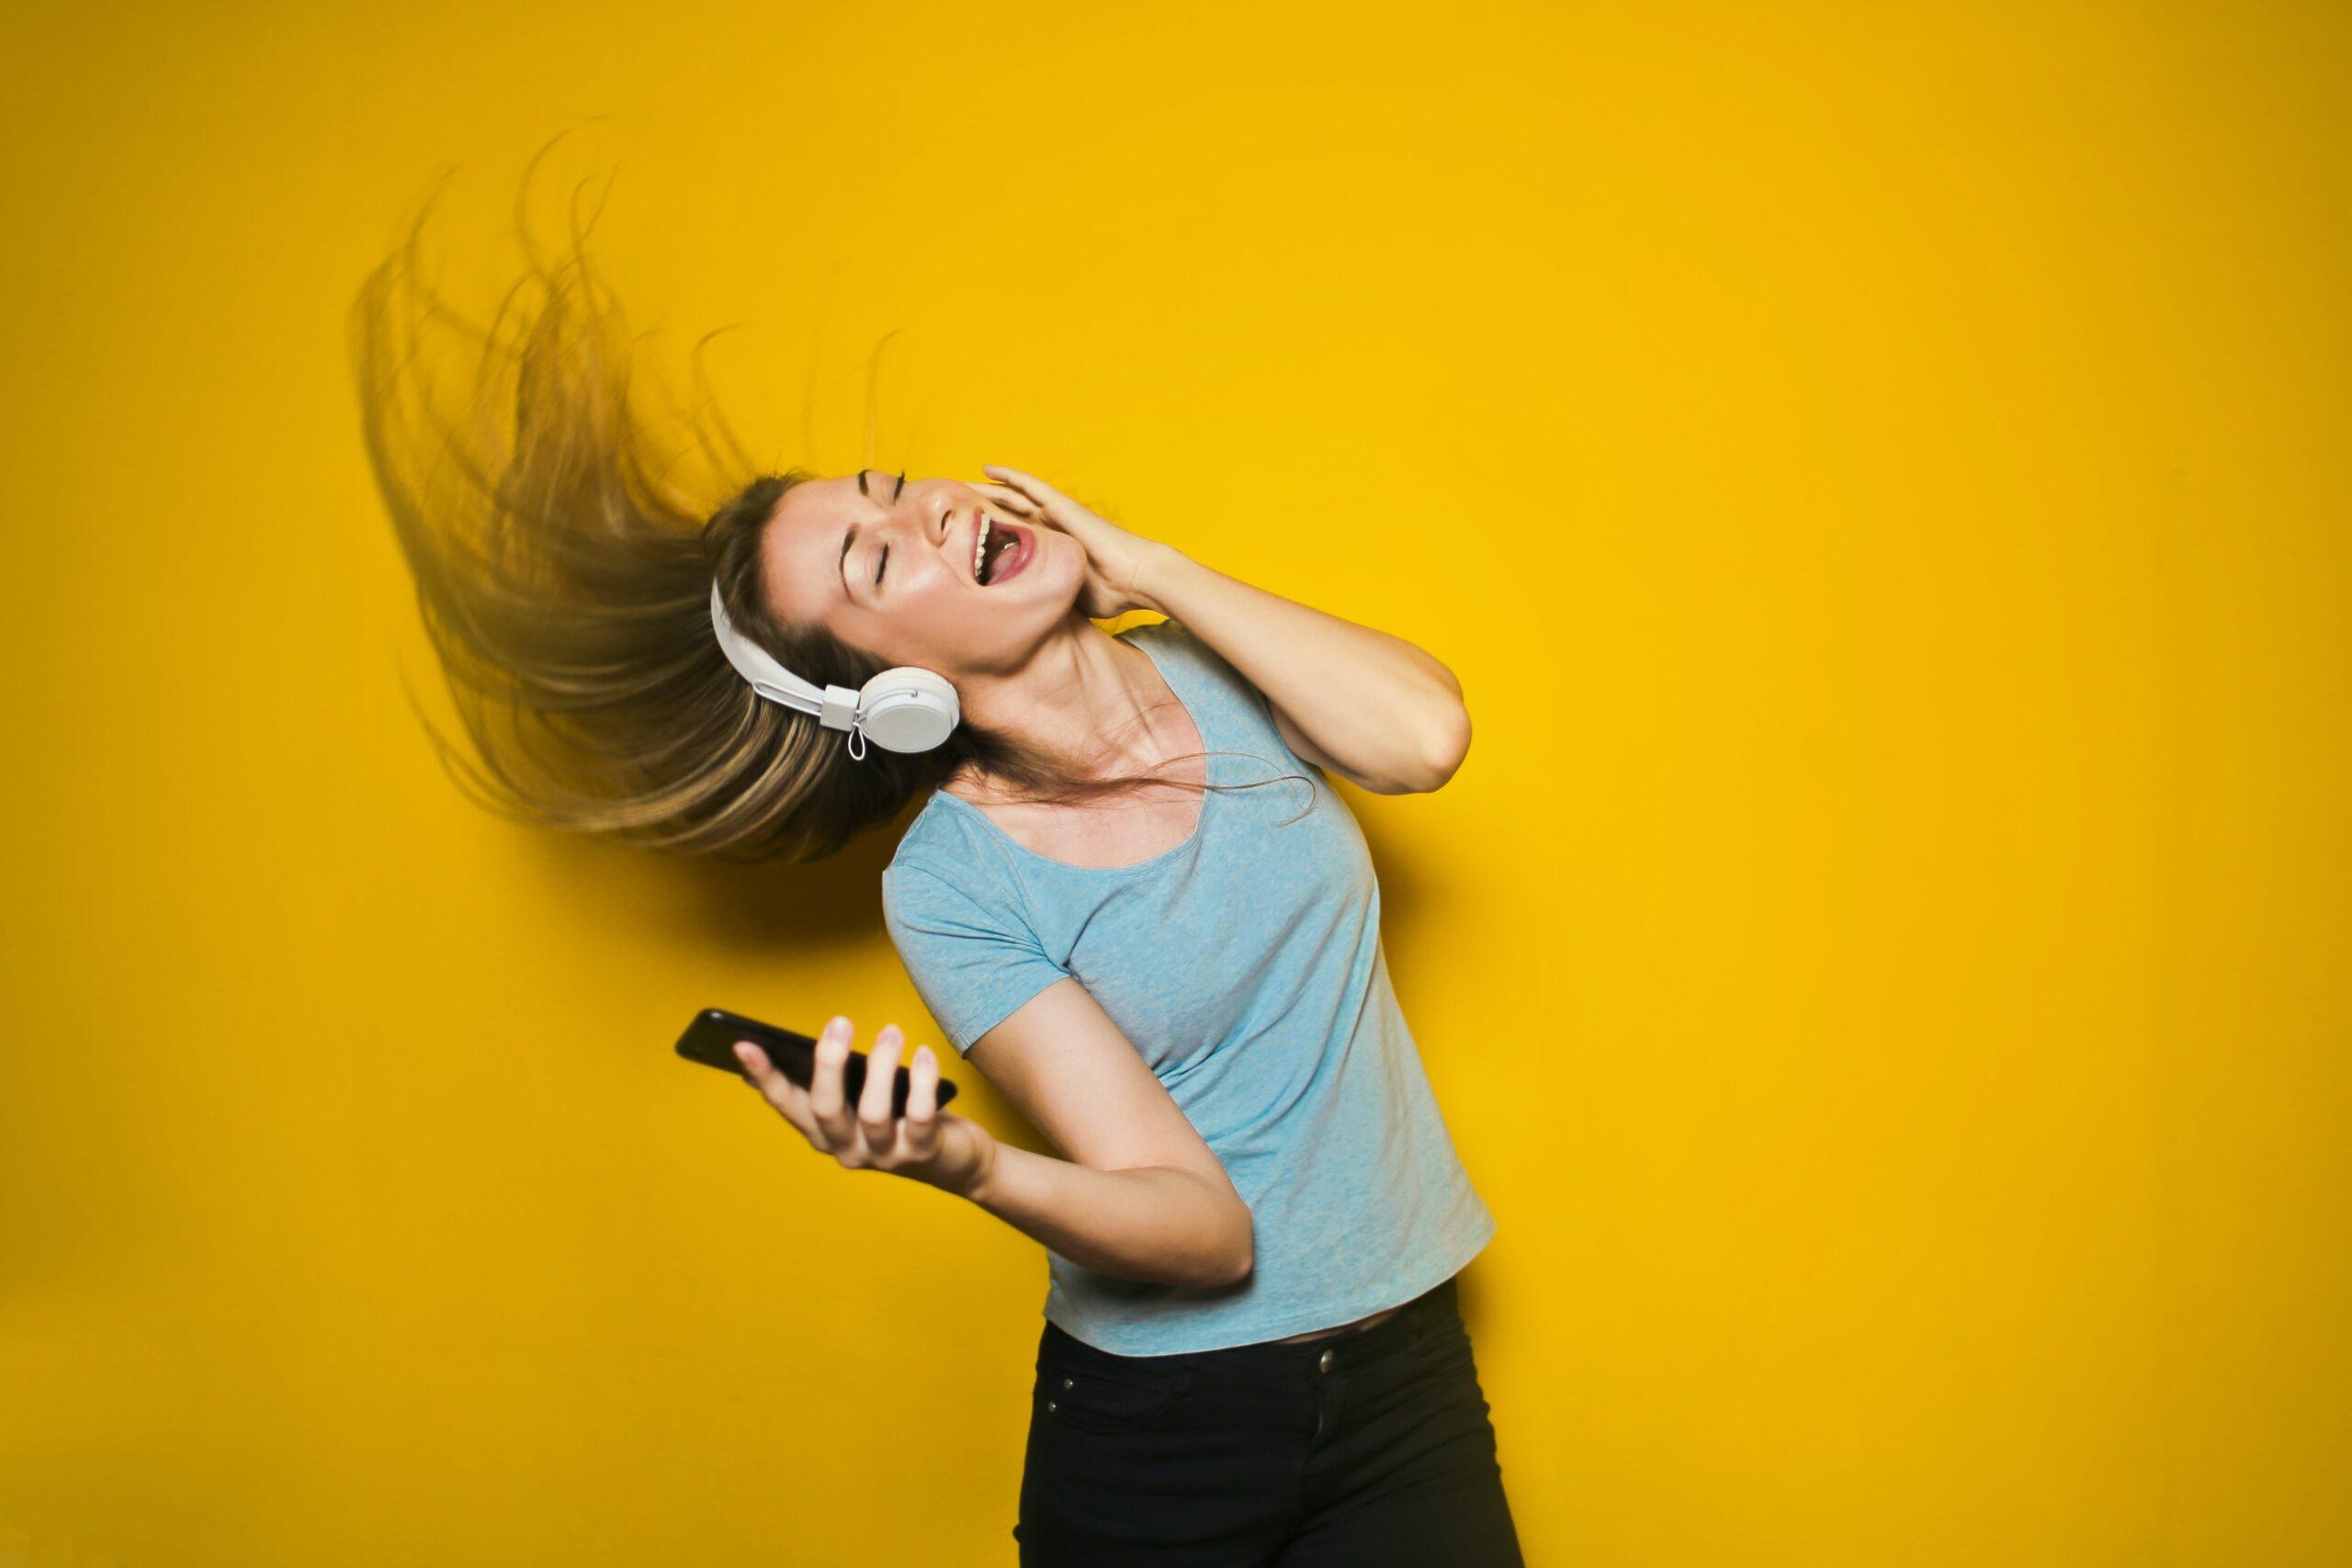 著作権を侵害している「踊ってみた」「歌ってみた」に管理の動き